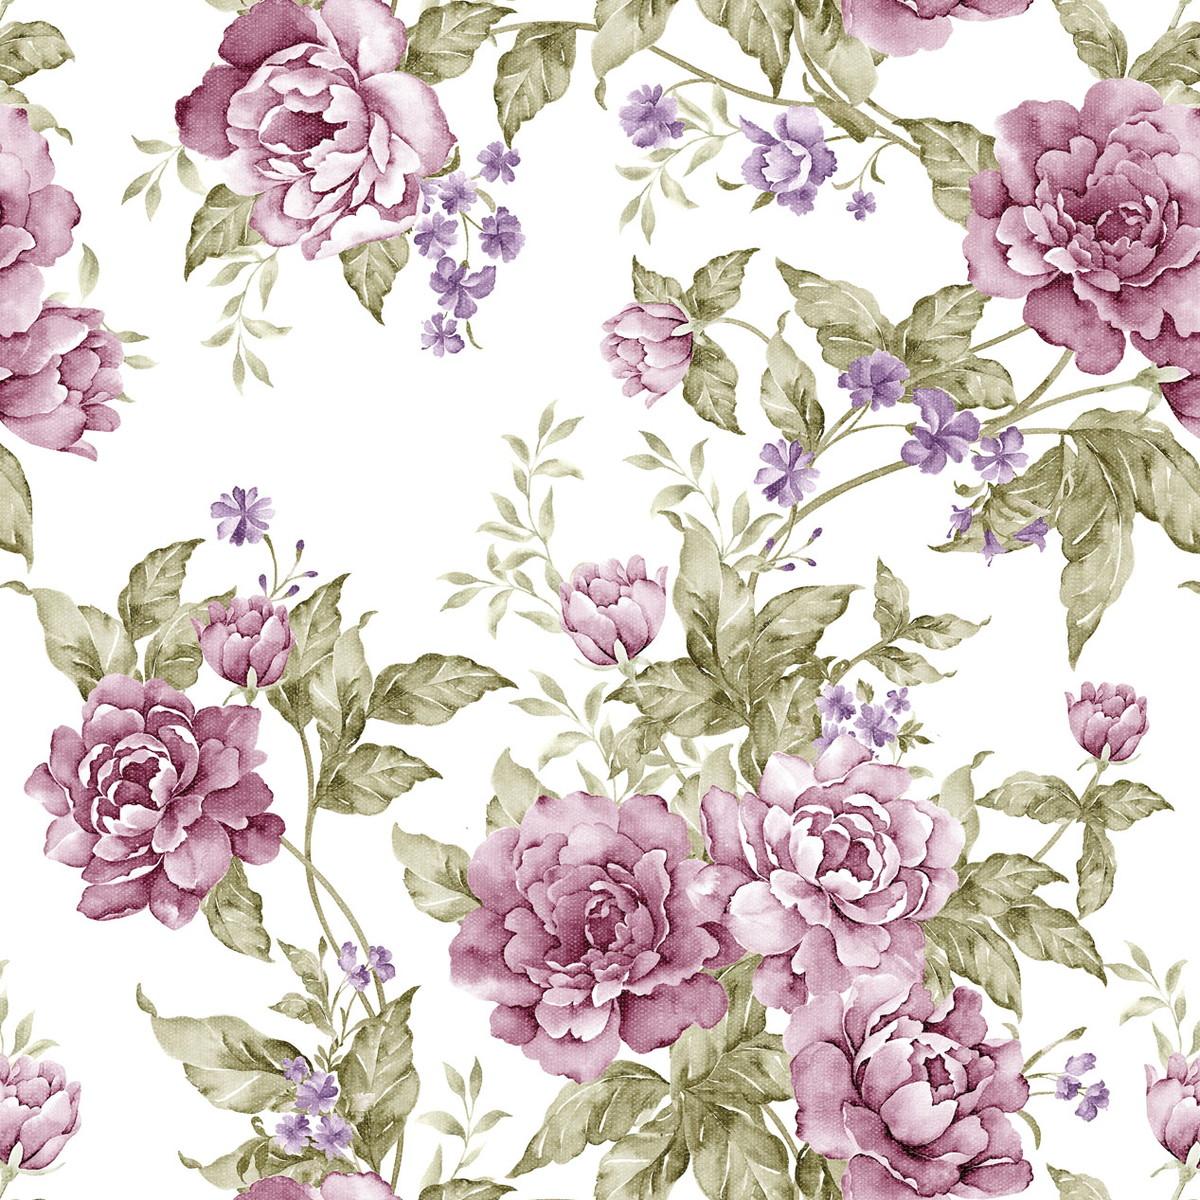 zoom papel de parede flores lils fundo branc